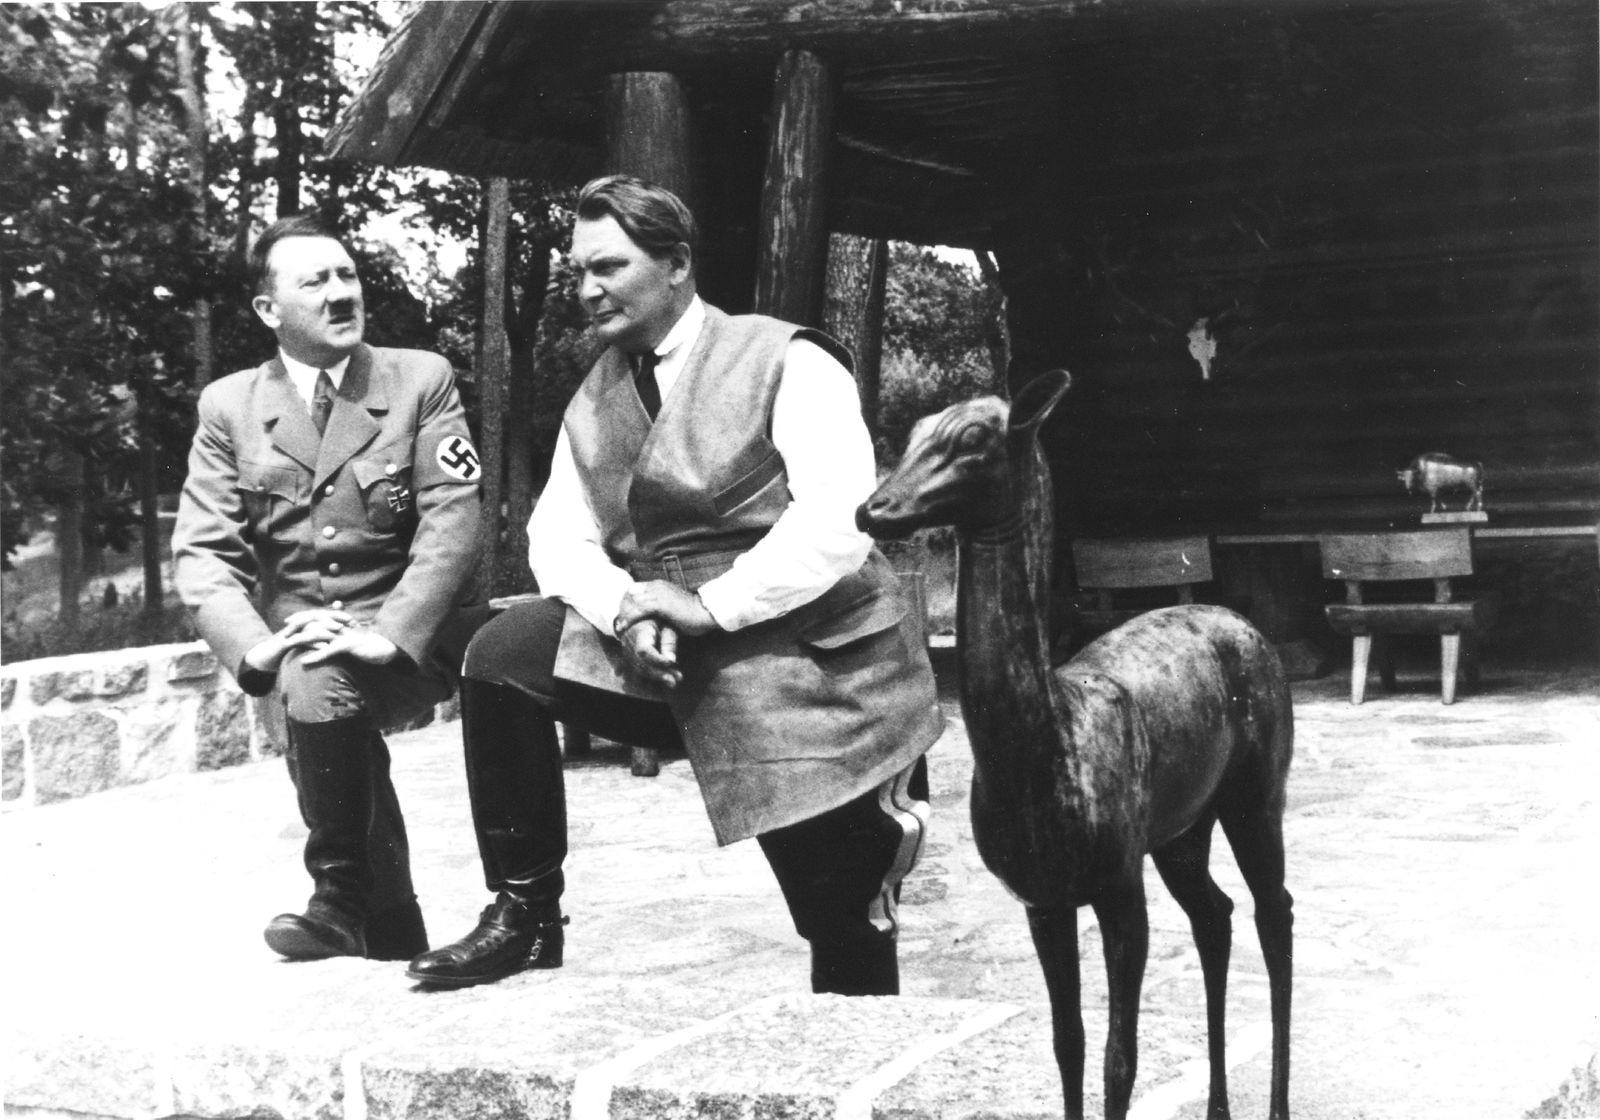 Hitler, Goering, & Deer